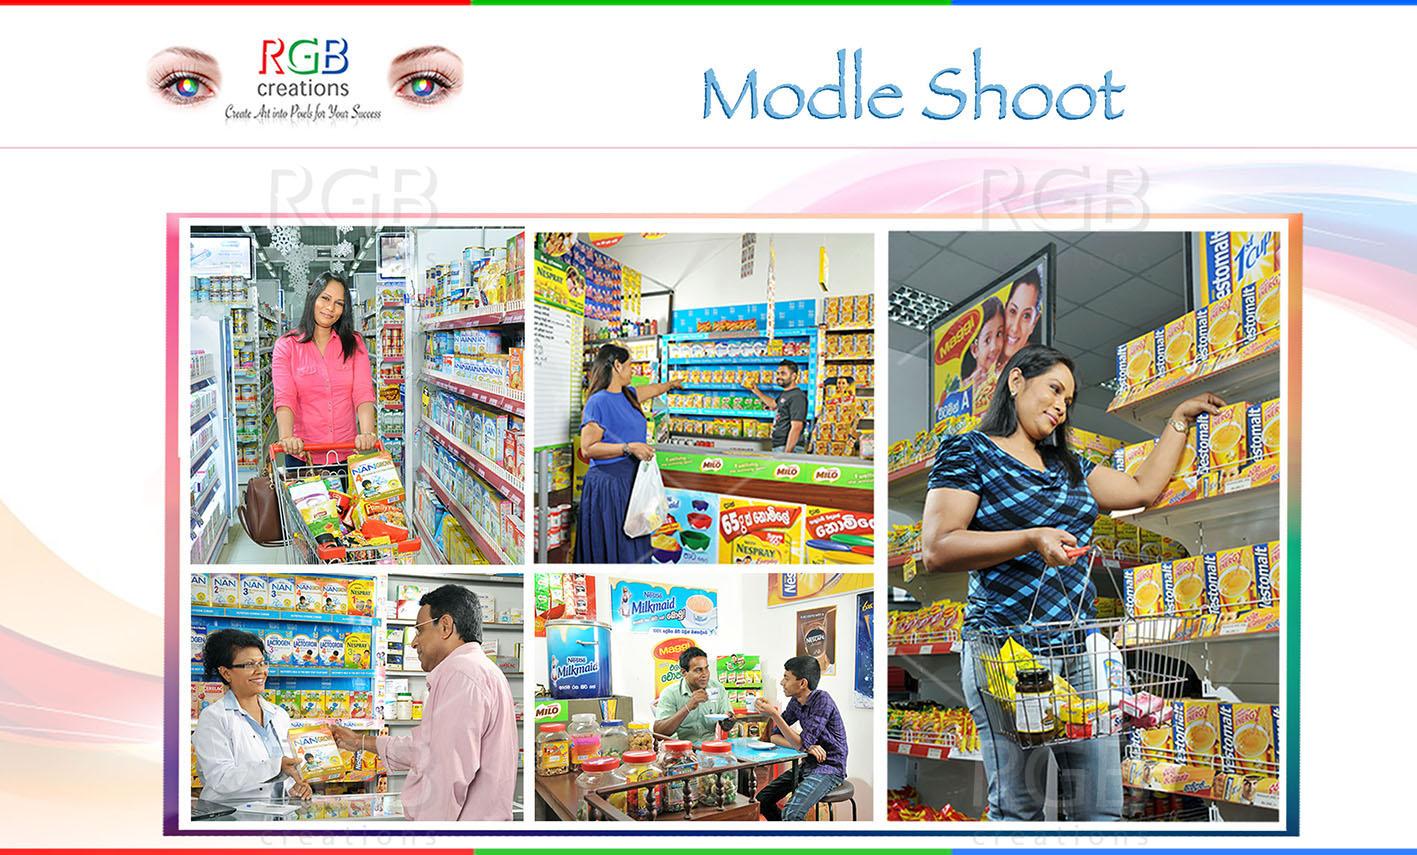 Modle Shoot